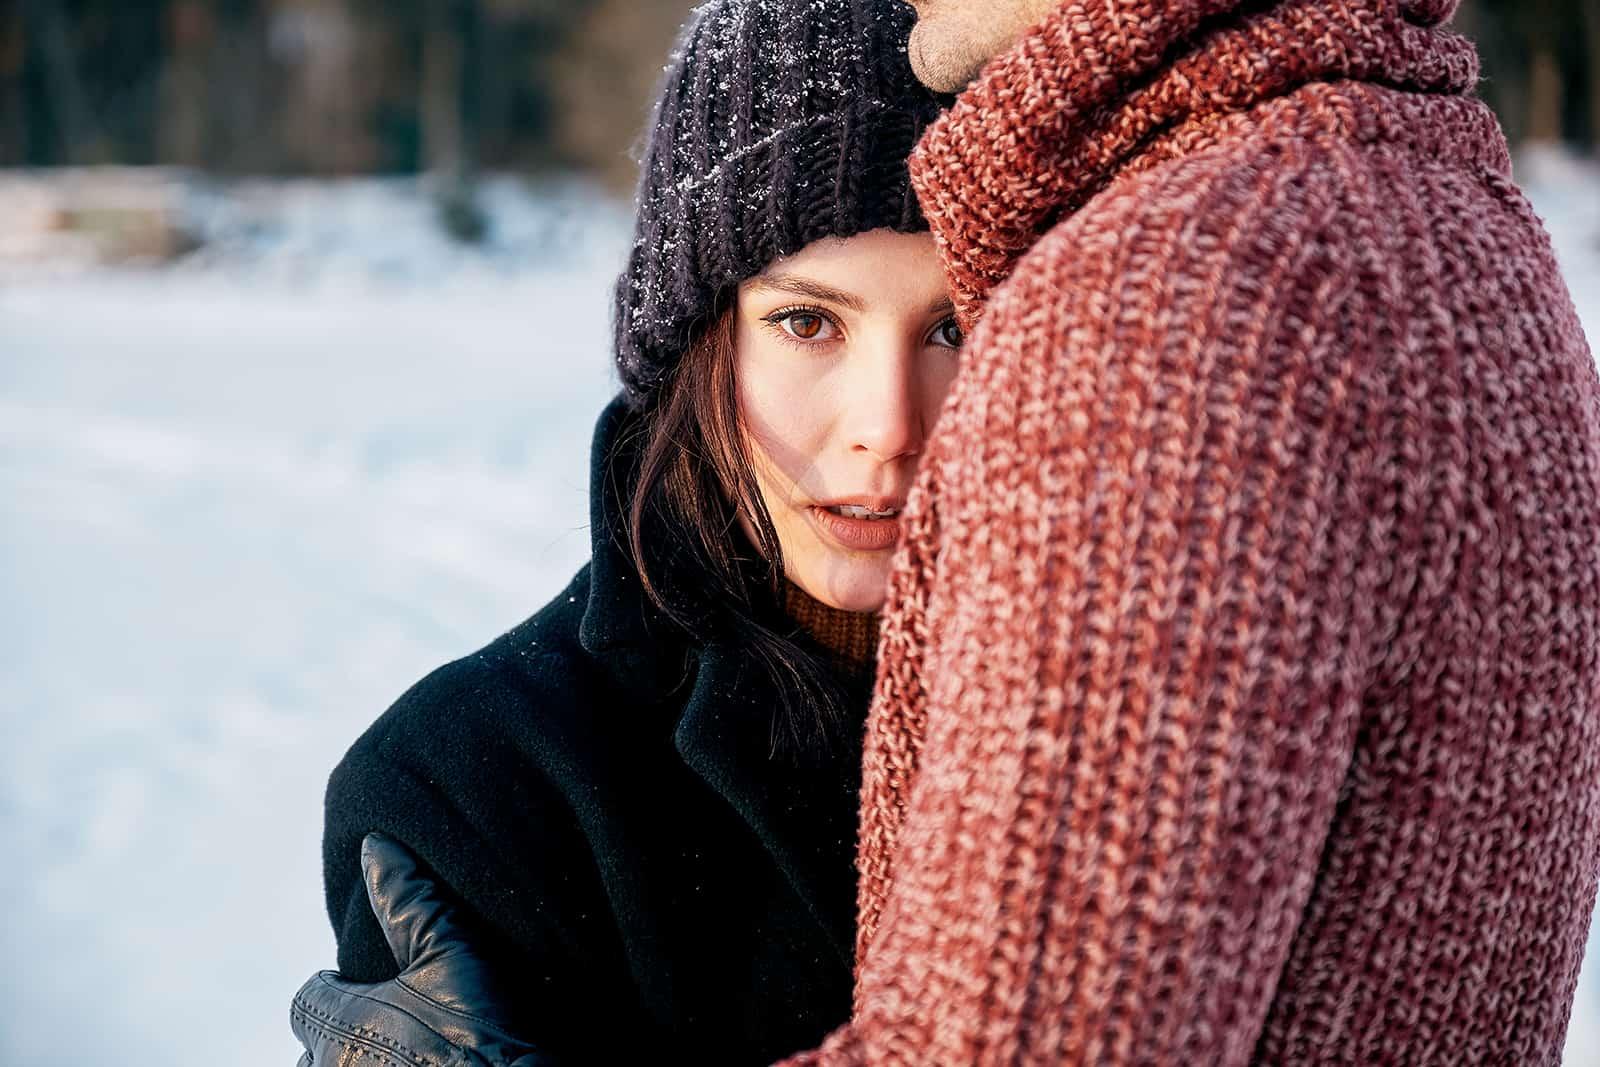 Ein Mann umarmt eine verwirrte Frau, während er auf dem Schnee steht